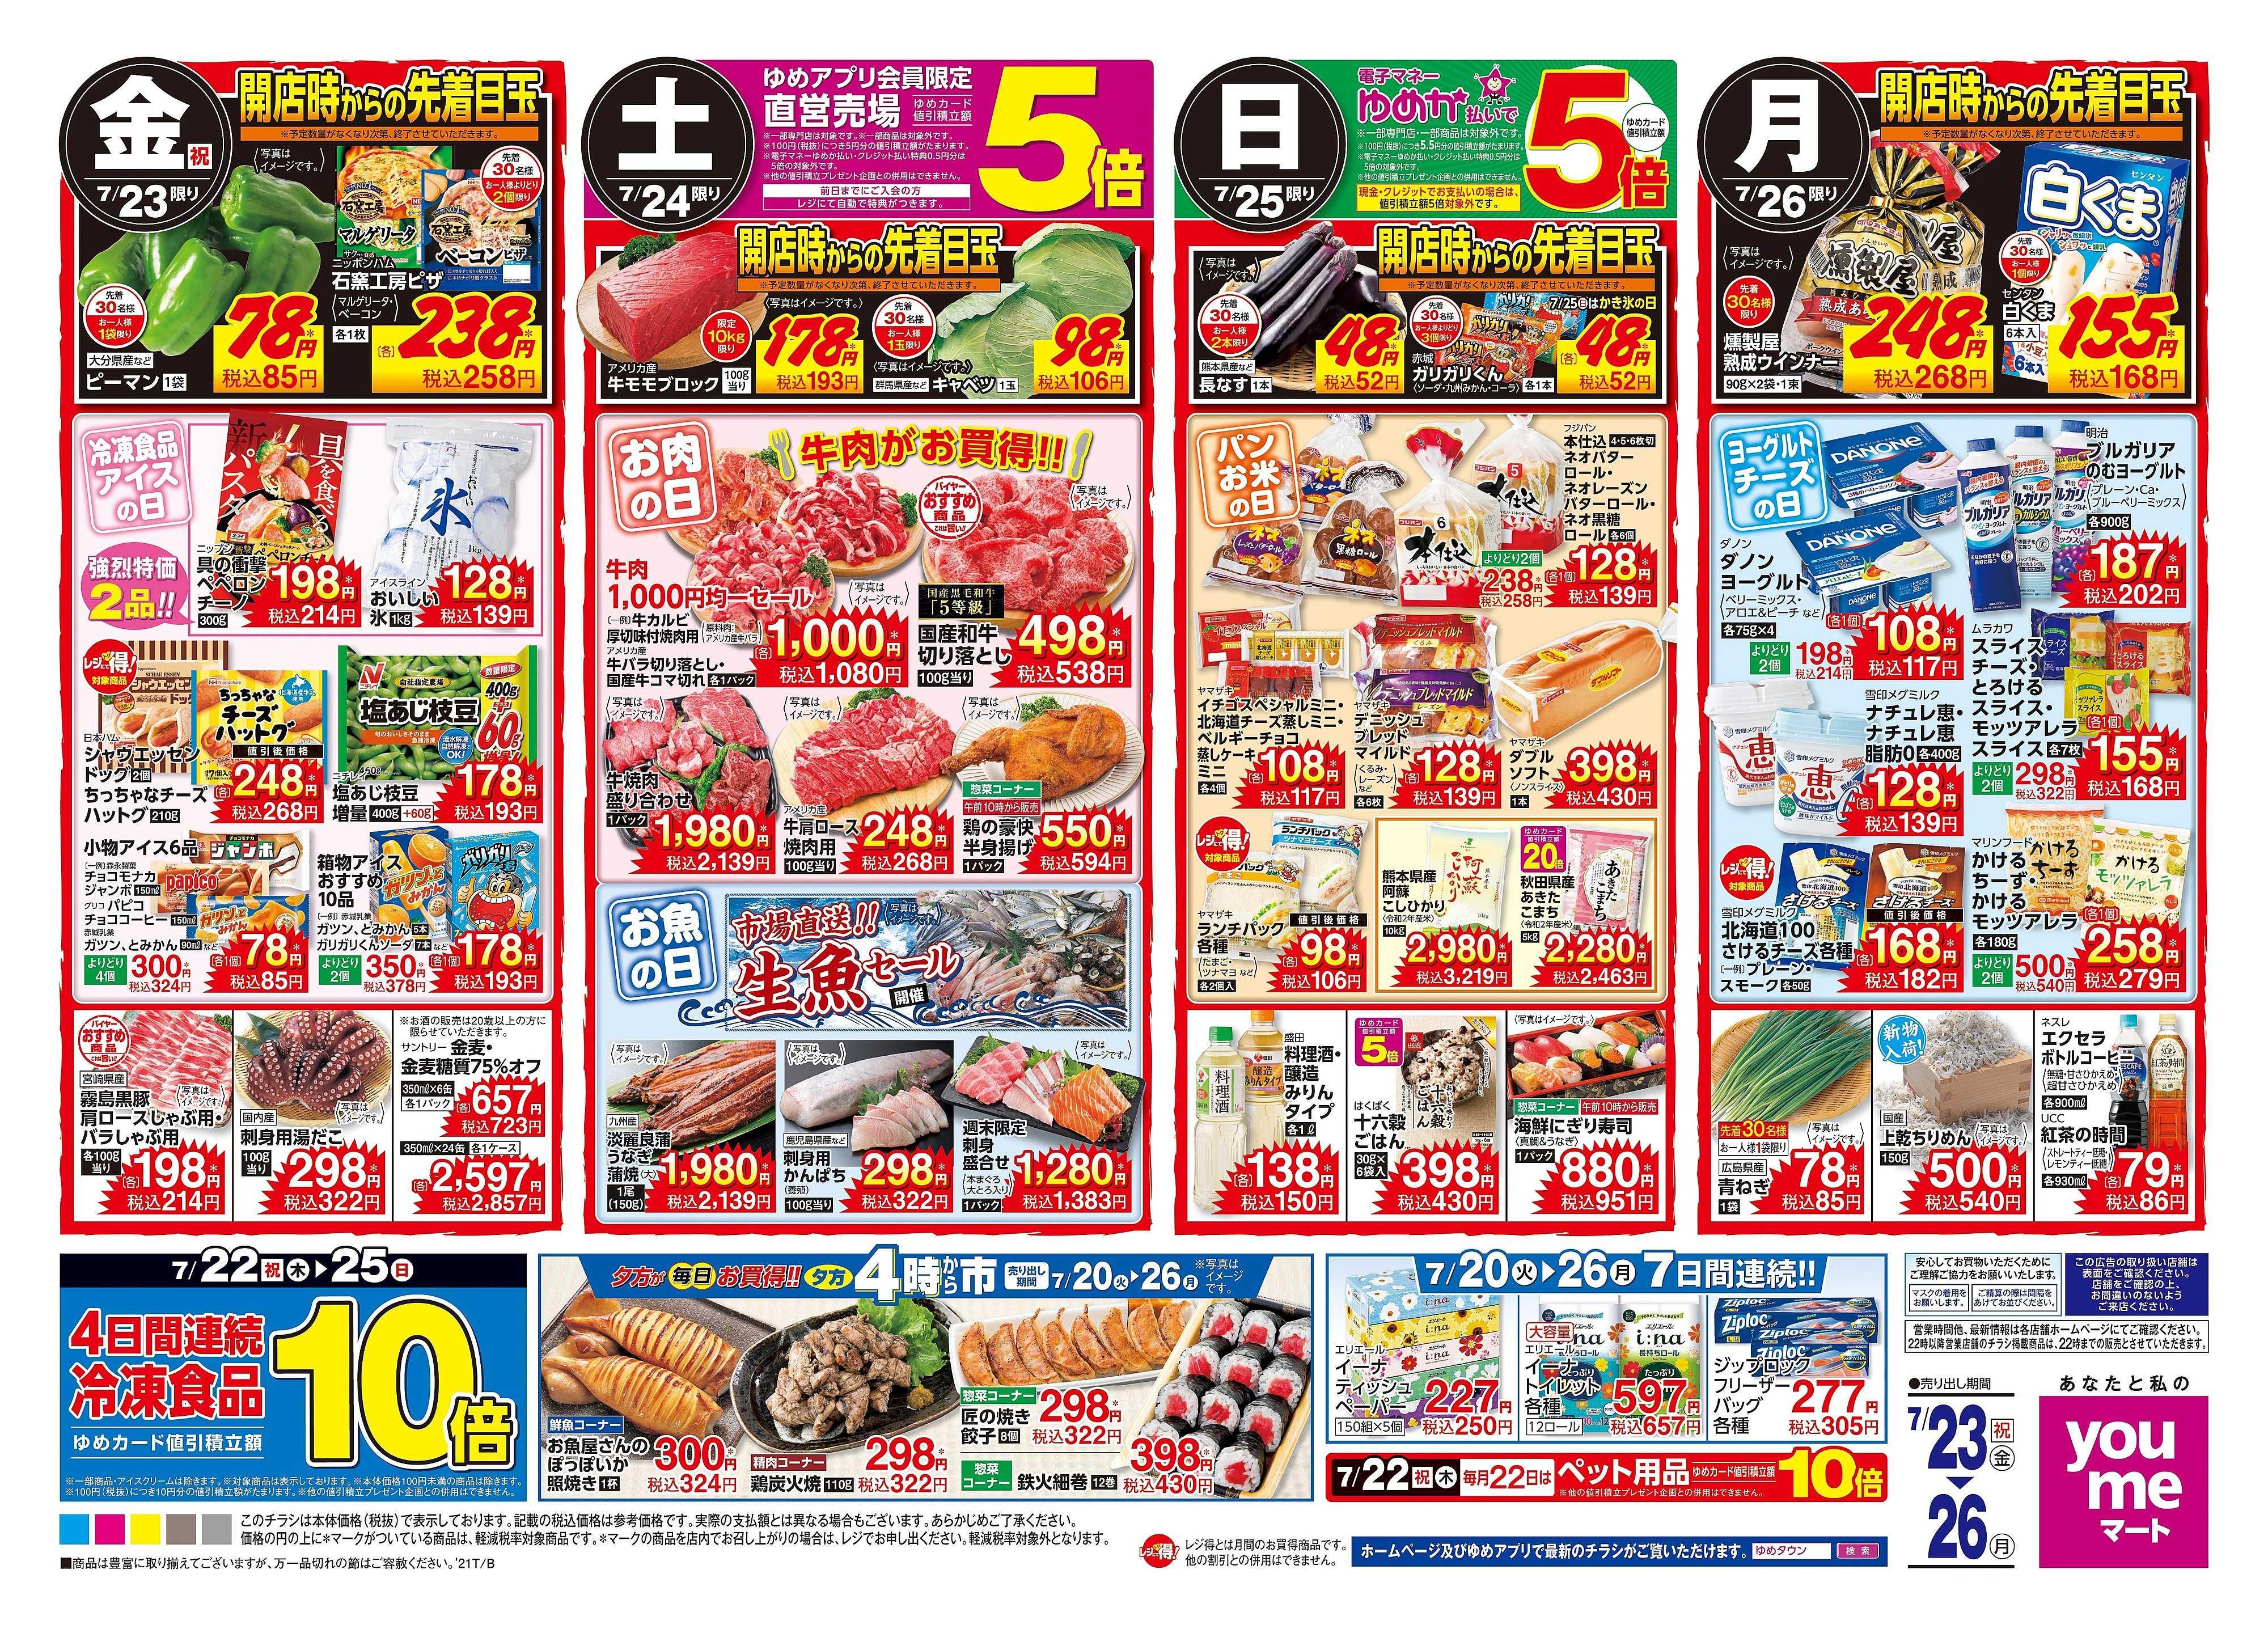 ゆめマート 7/23(祝・金)-7/26(月)